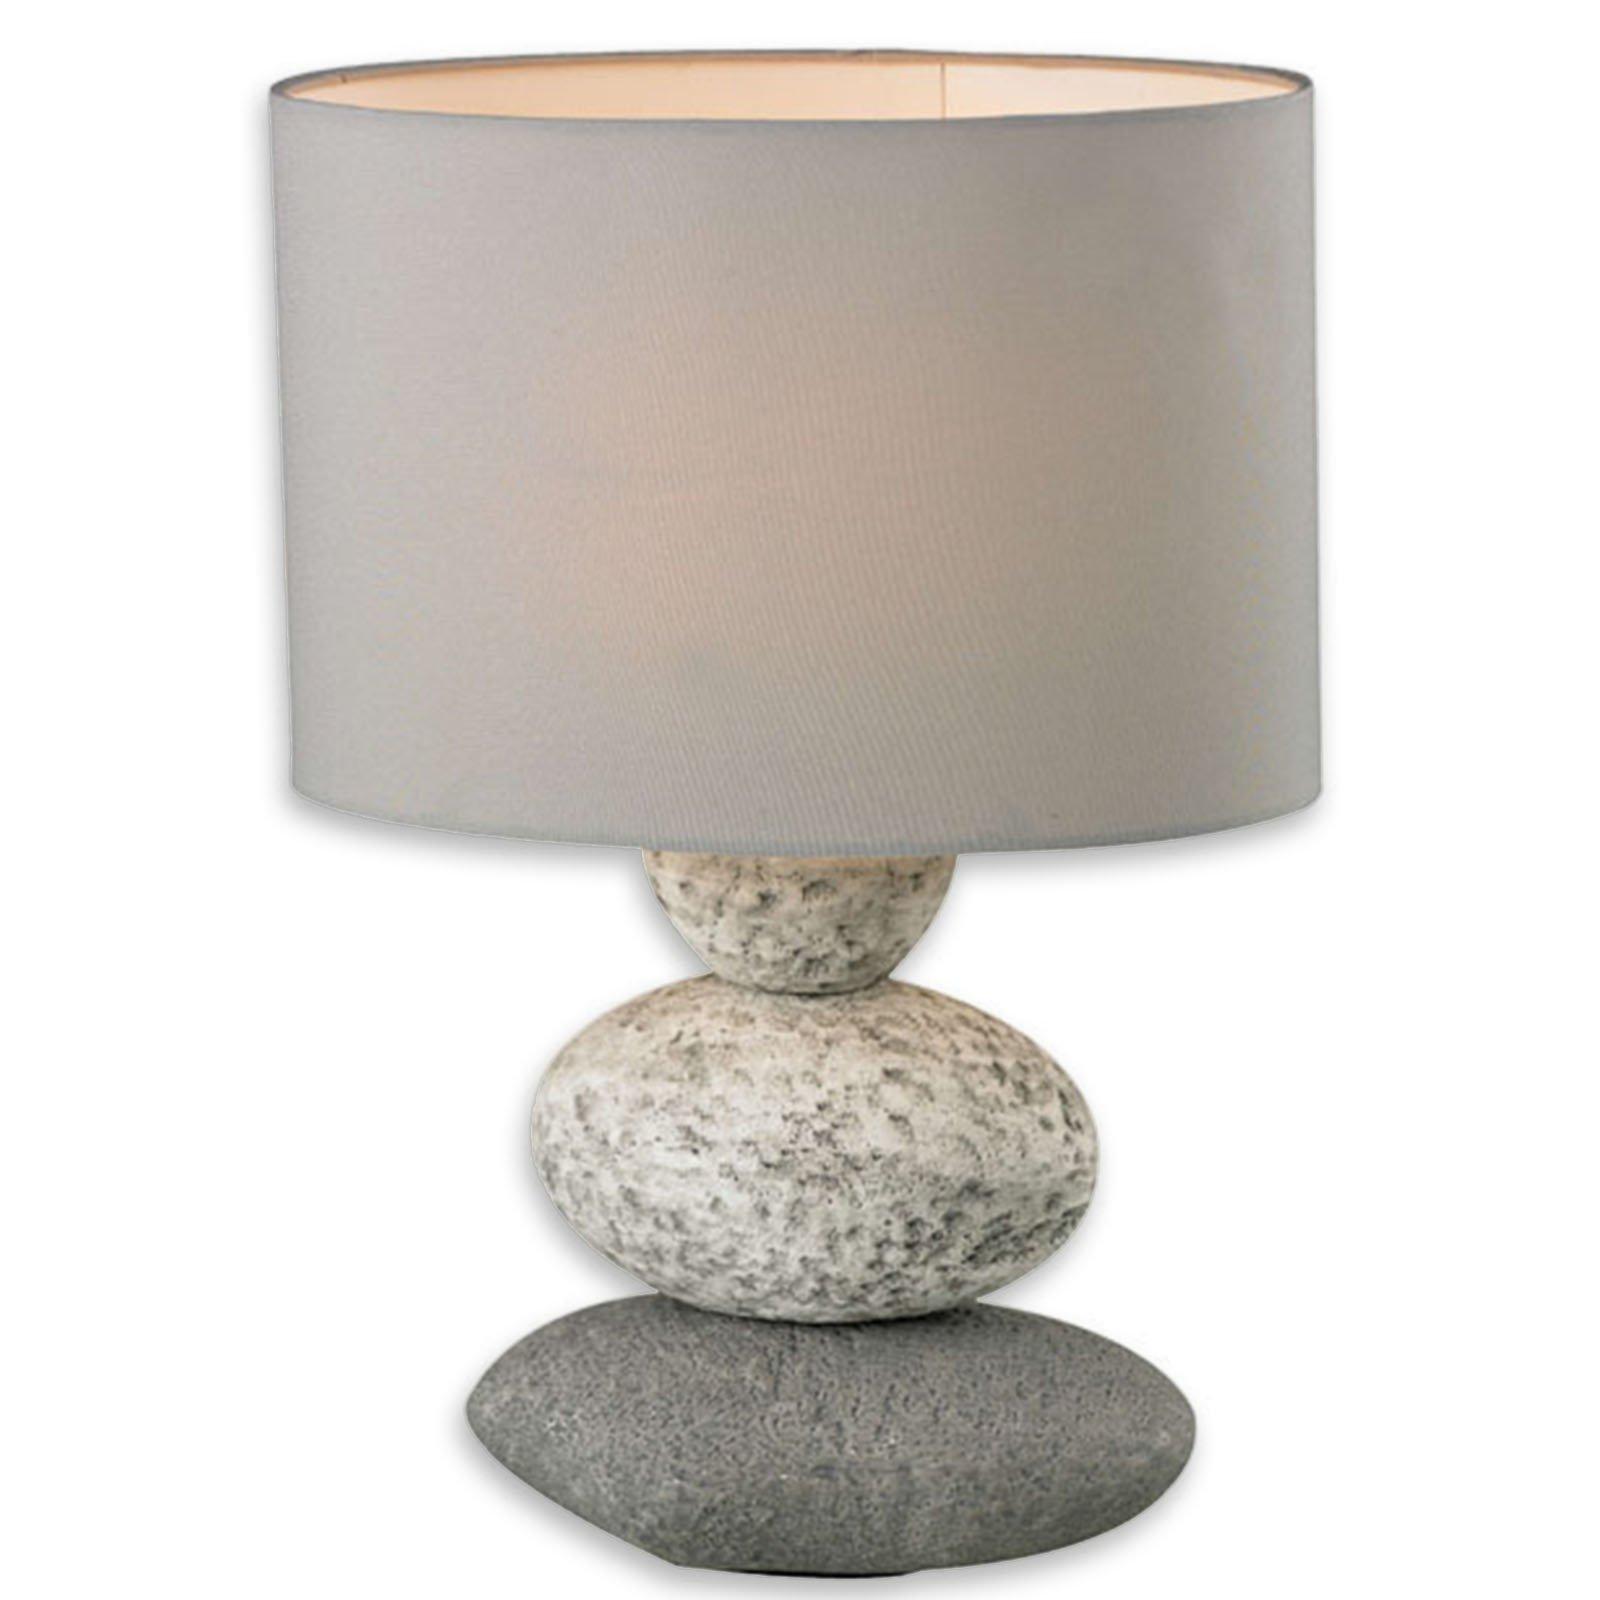 tischleuchte wendy grau keramik 34 5 cm tischlampen lampen roller m belhaus. Black Bedroom Furniture Sets. Home Design Ideas